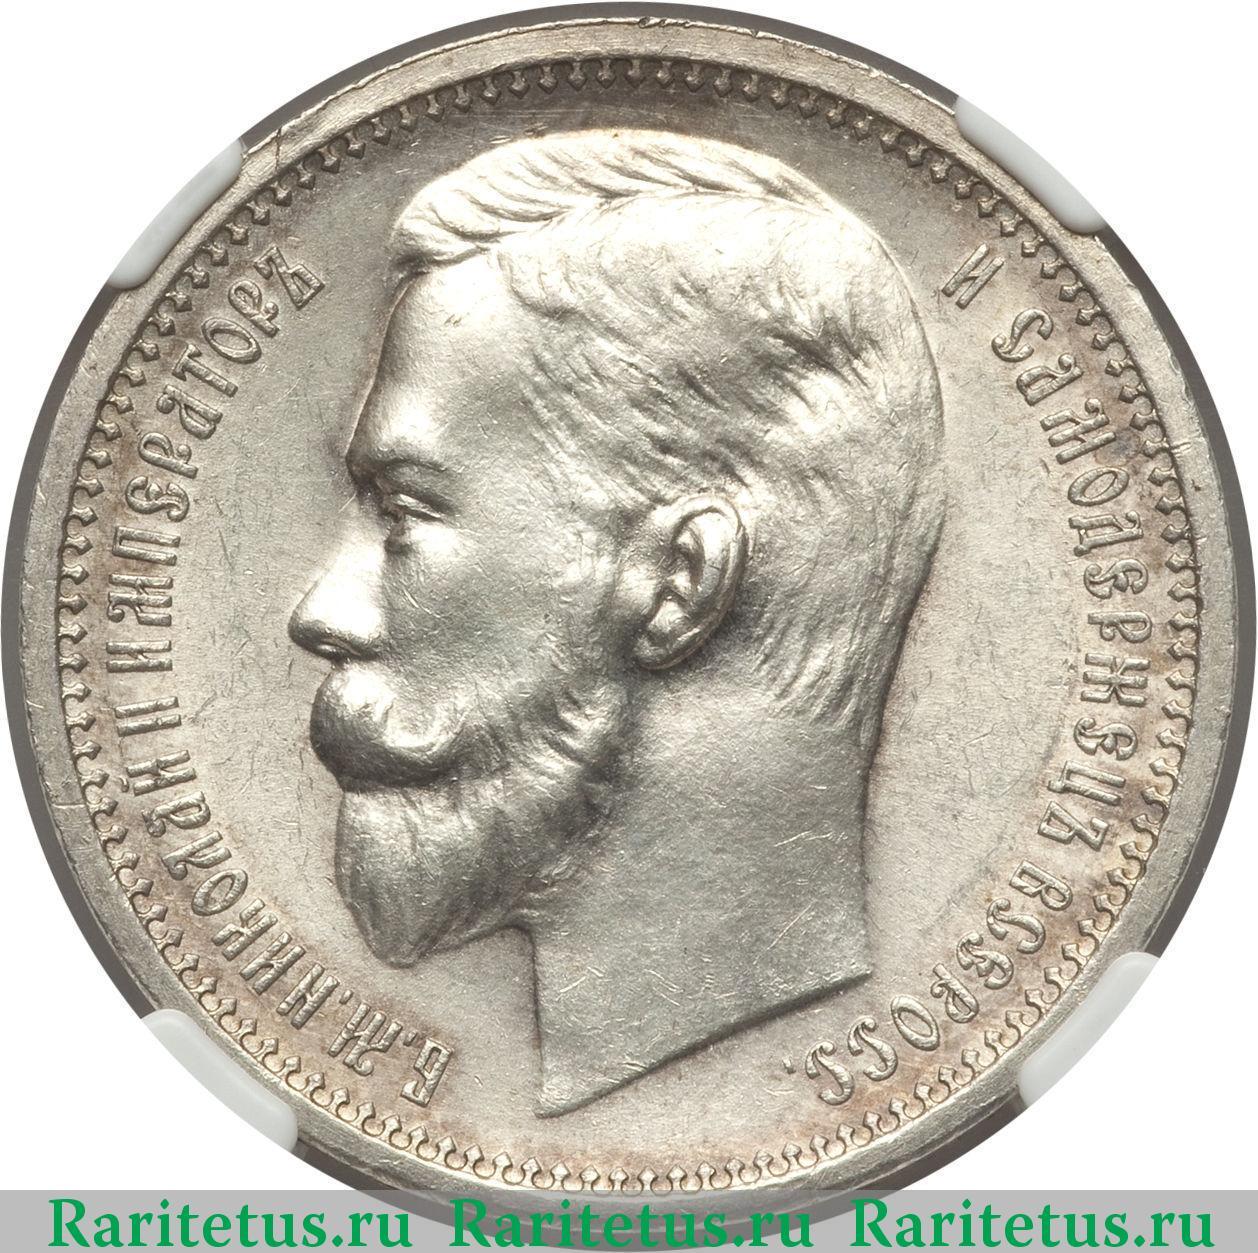 Рубль 1913 года альбомы для юбилейных монет сша